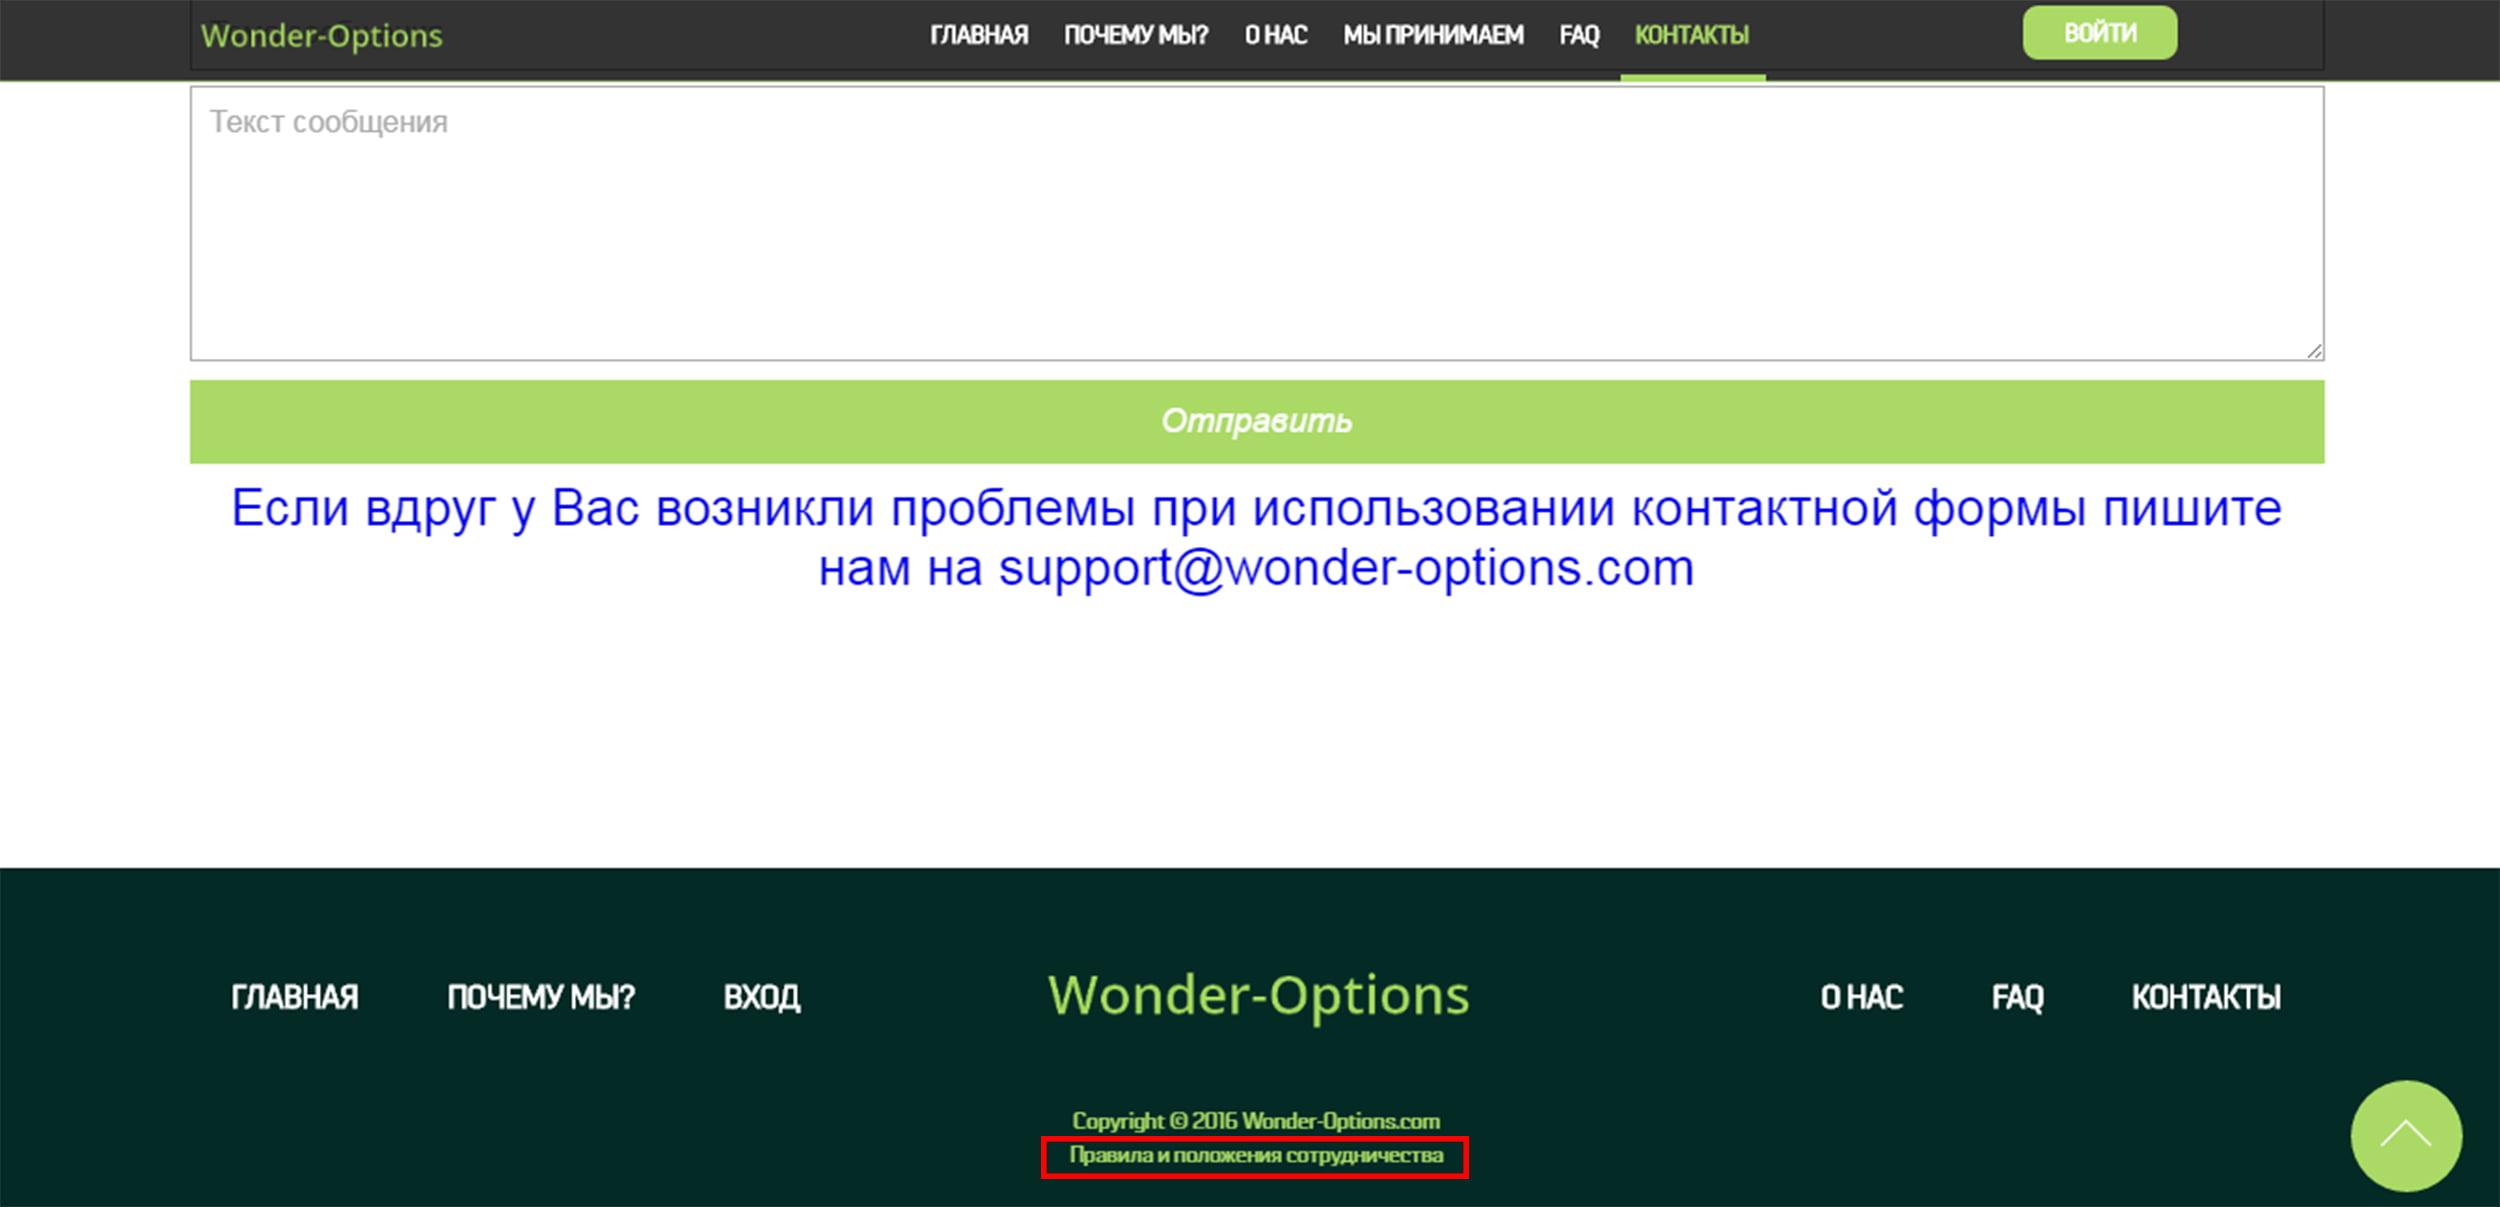 Пользовательское соглашение Wonder Options